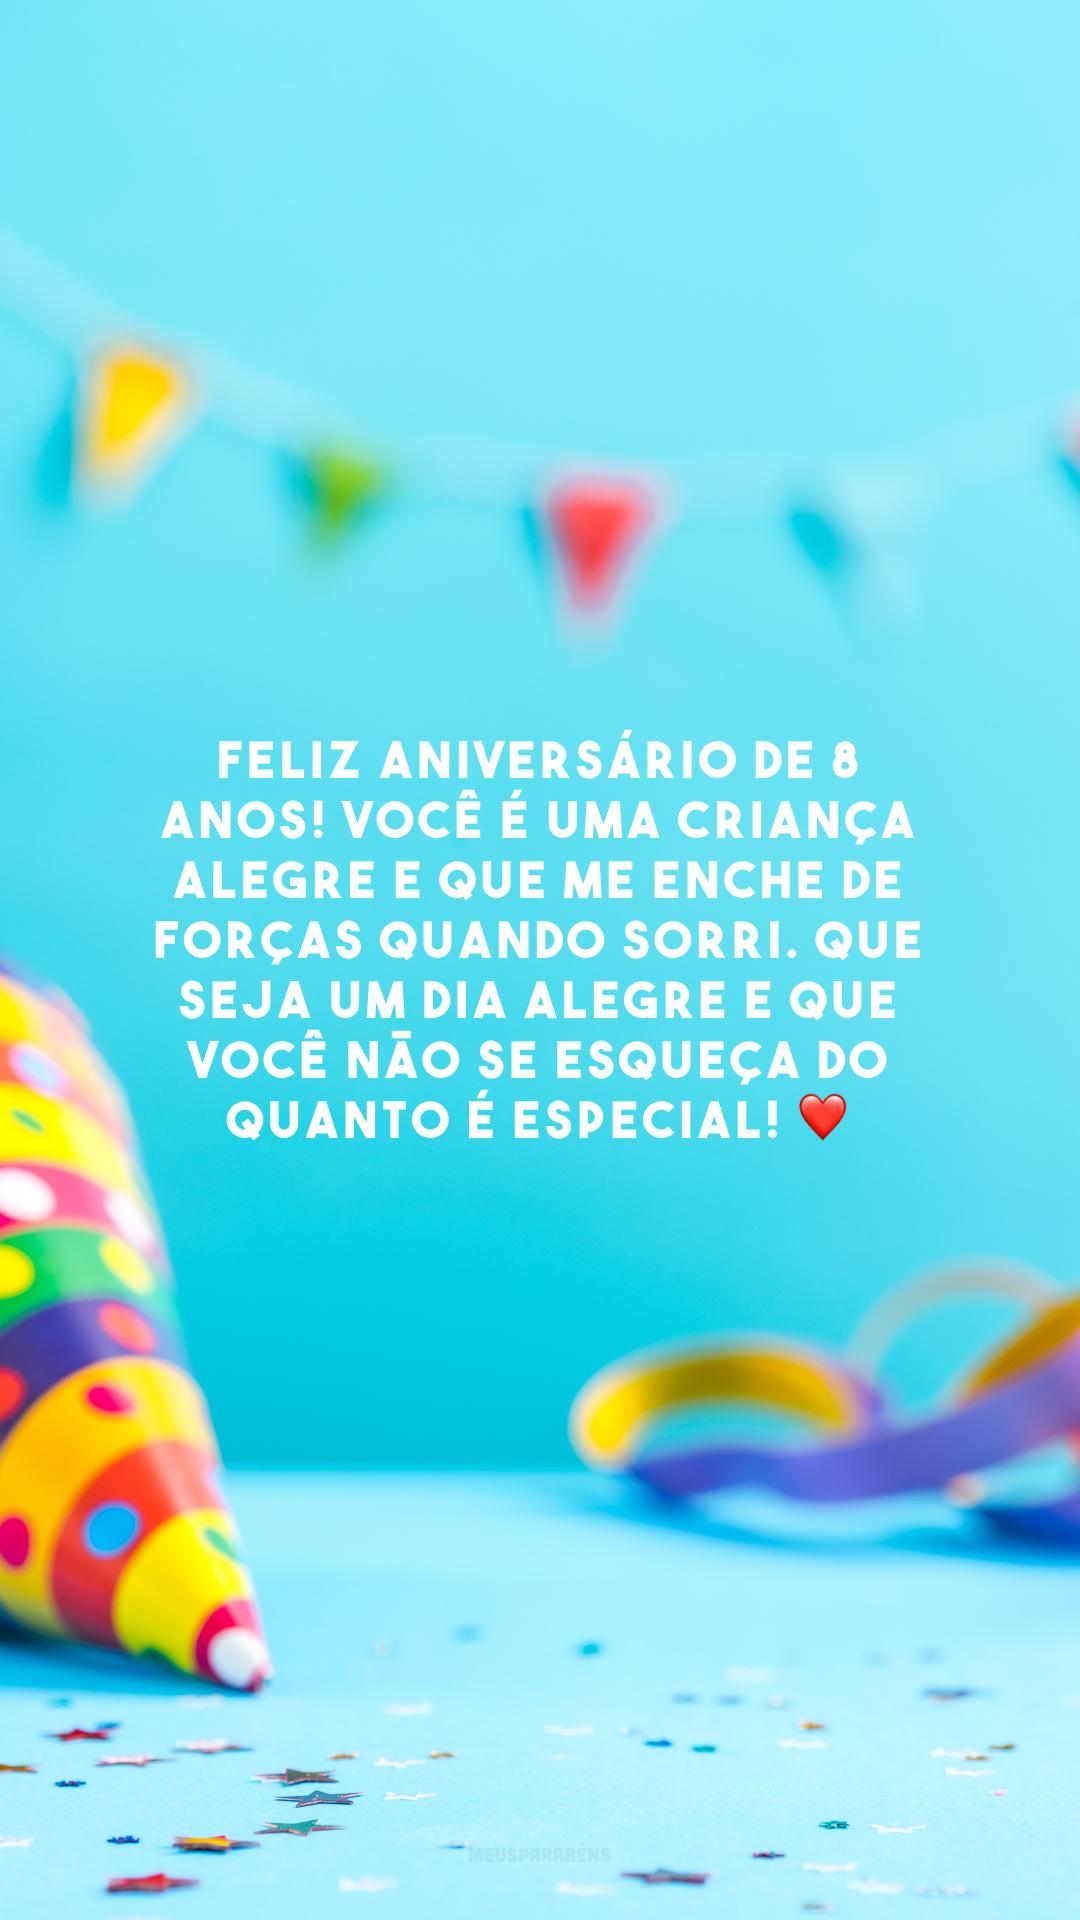 Feliz aniversário de 8 anos! Você é uma criança alegre e que me enche de forças quando sorri. Que seja um dia alegre e que você não se esqueça do quanto é especial! ❤️